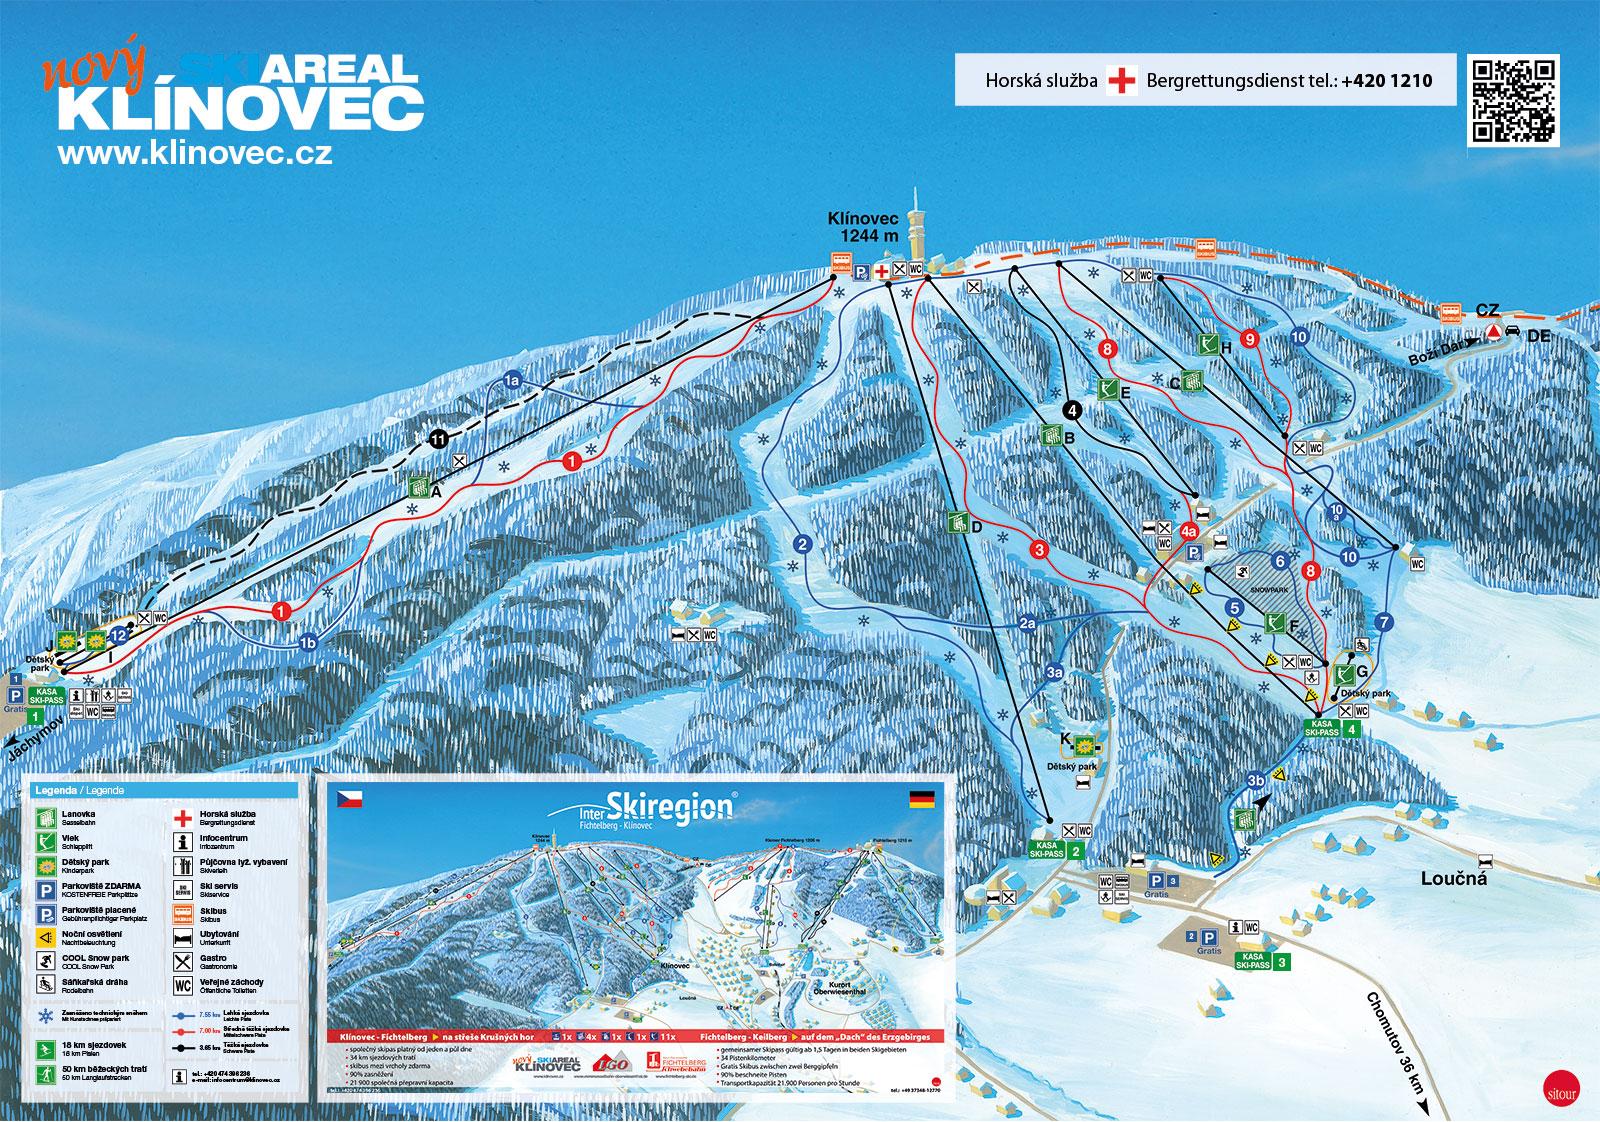 Nový lyžařský areál Klínovec, lyžování Loučná pod Klínovcem, Ústecko